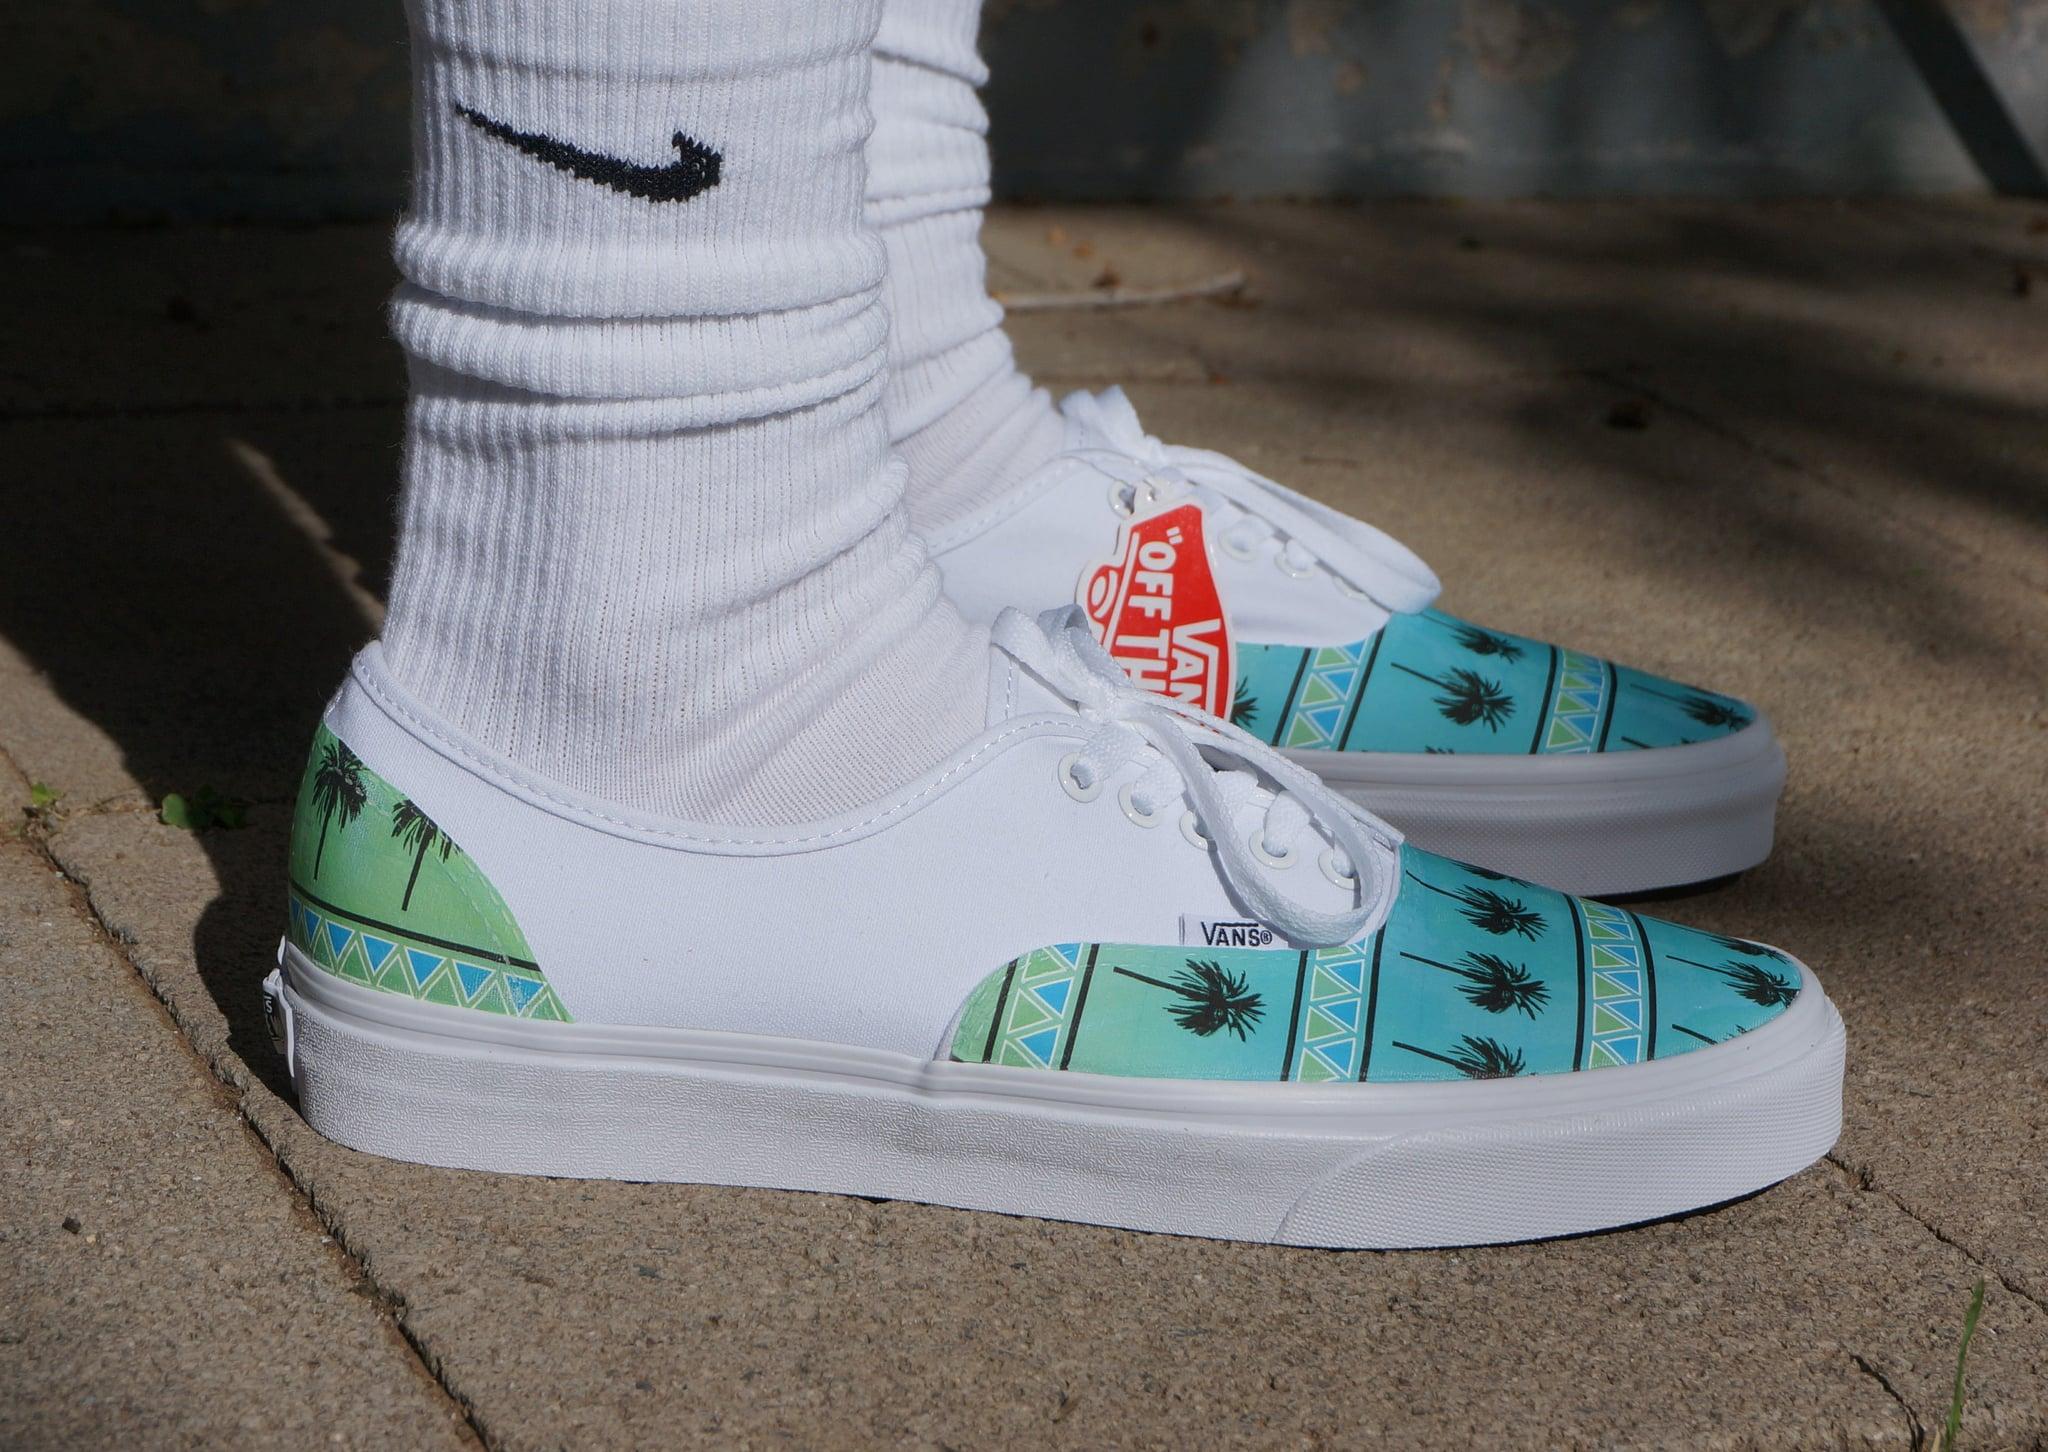 van mens sneakers